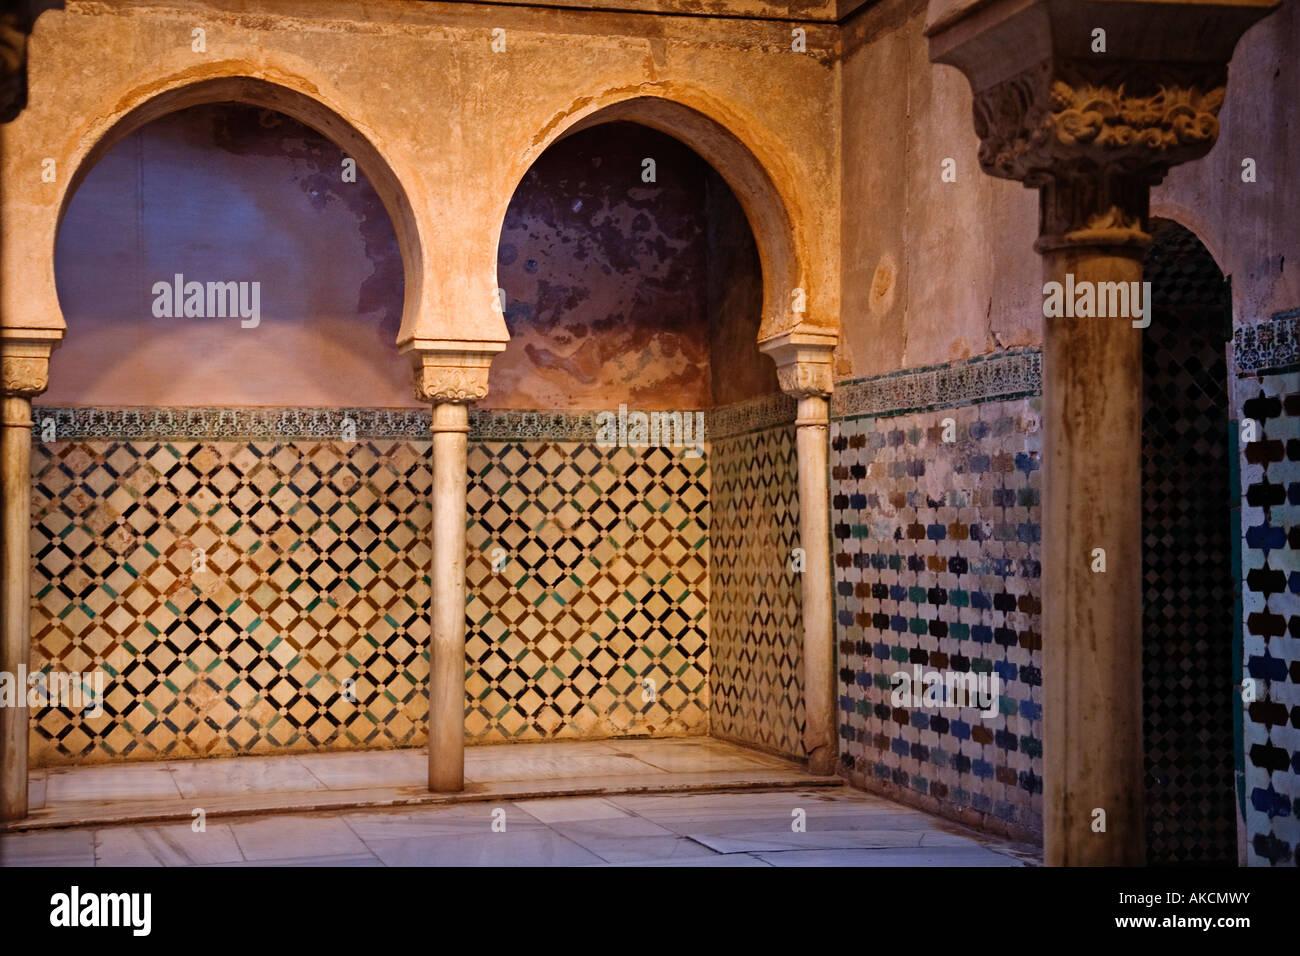 Beautiful Baños Arabes Alhambra Granada Andalucía España Baños árabes De La Alhambra  Granada Andalucía España